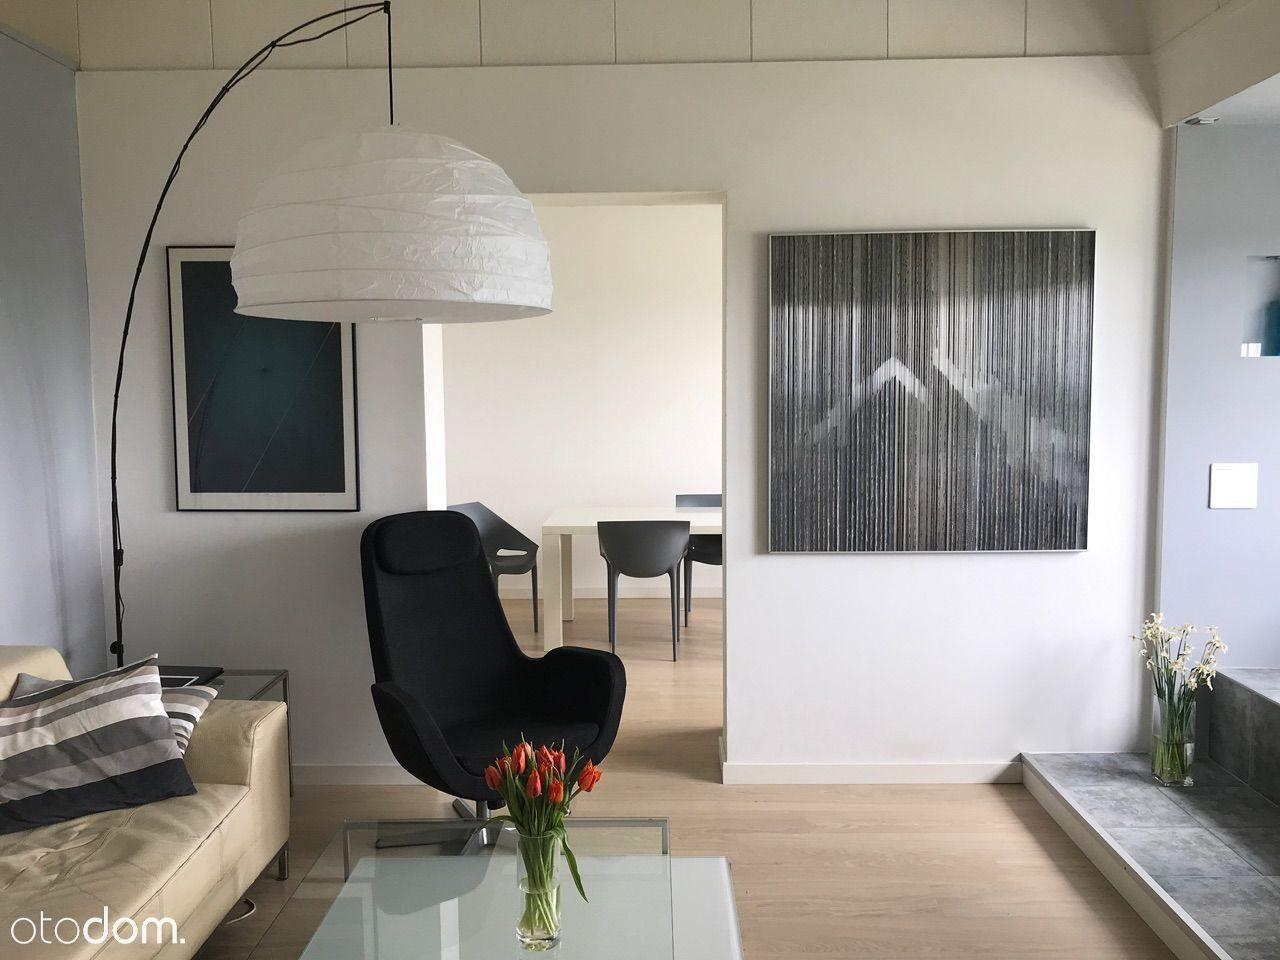 Zupełnie nowe 3 pokoje, mieszkanie na sprzedaż - Łódź, Widzew - 59179096 • www BK09